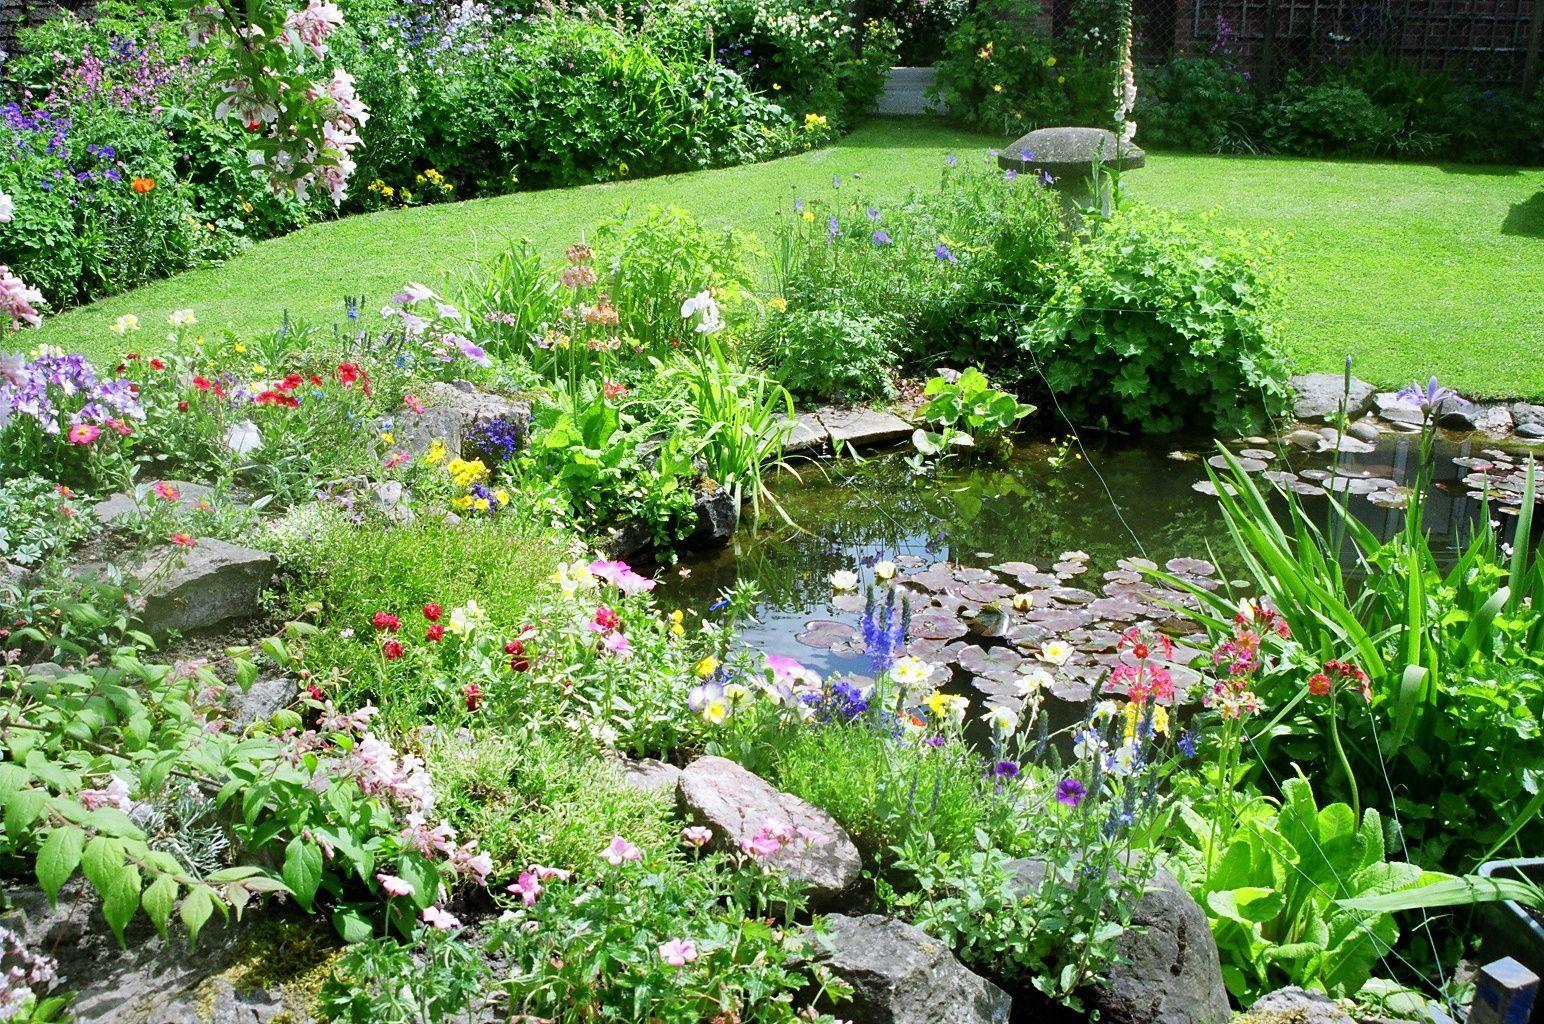 Wildlife garden with pond